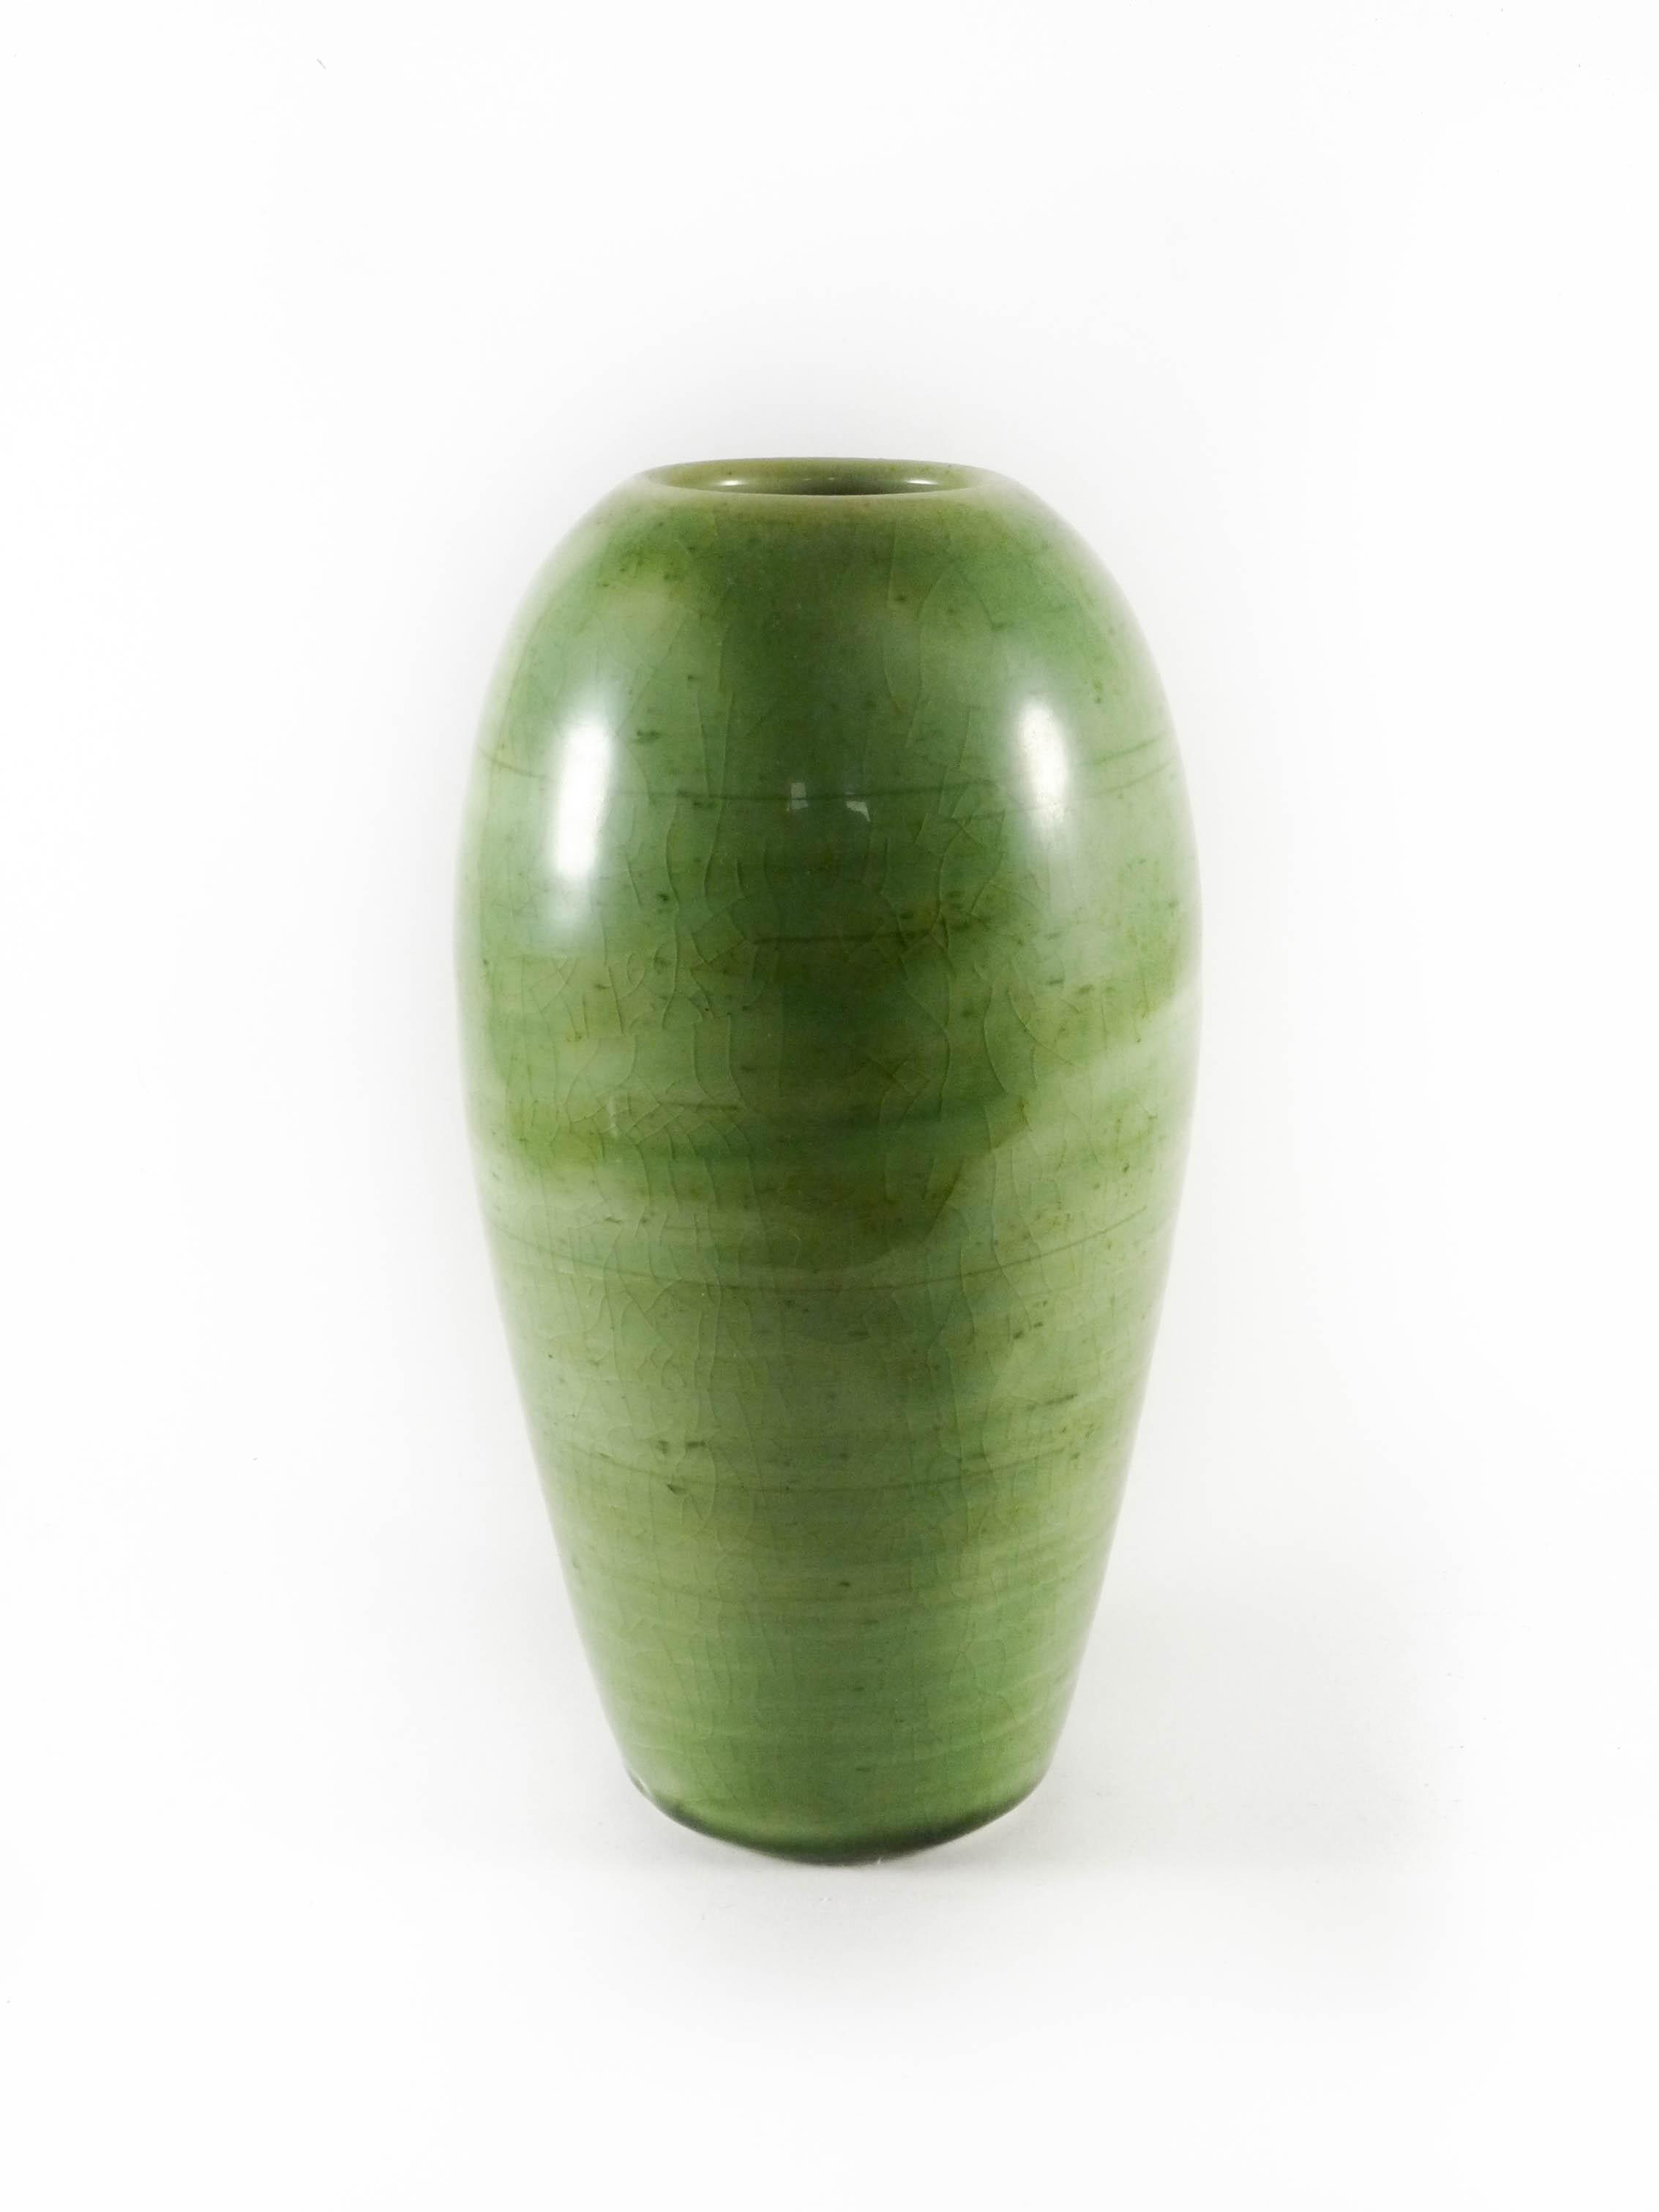 Vases 10-06